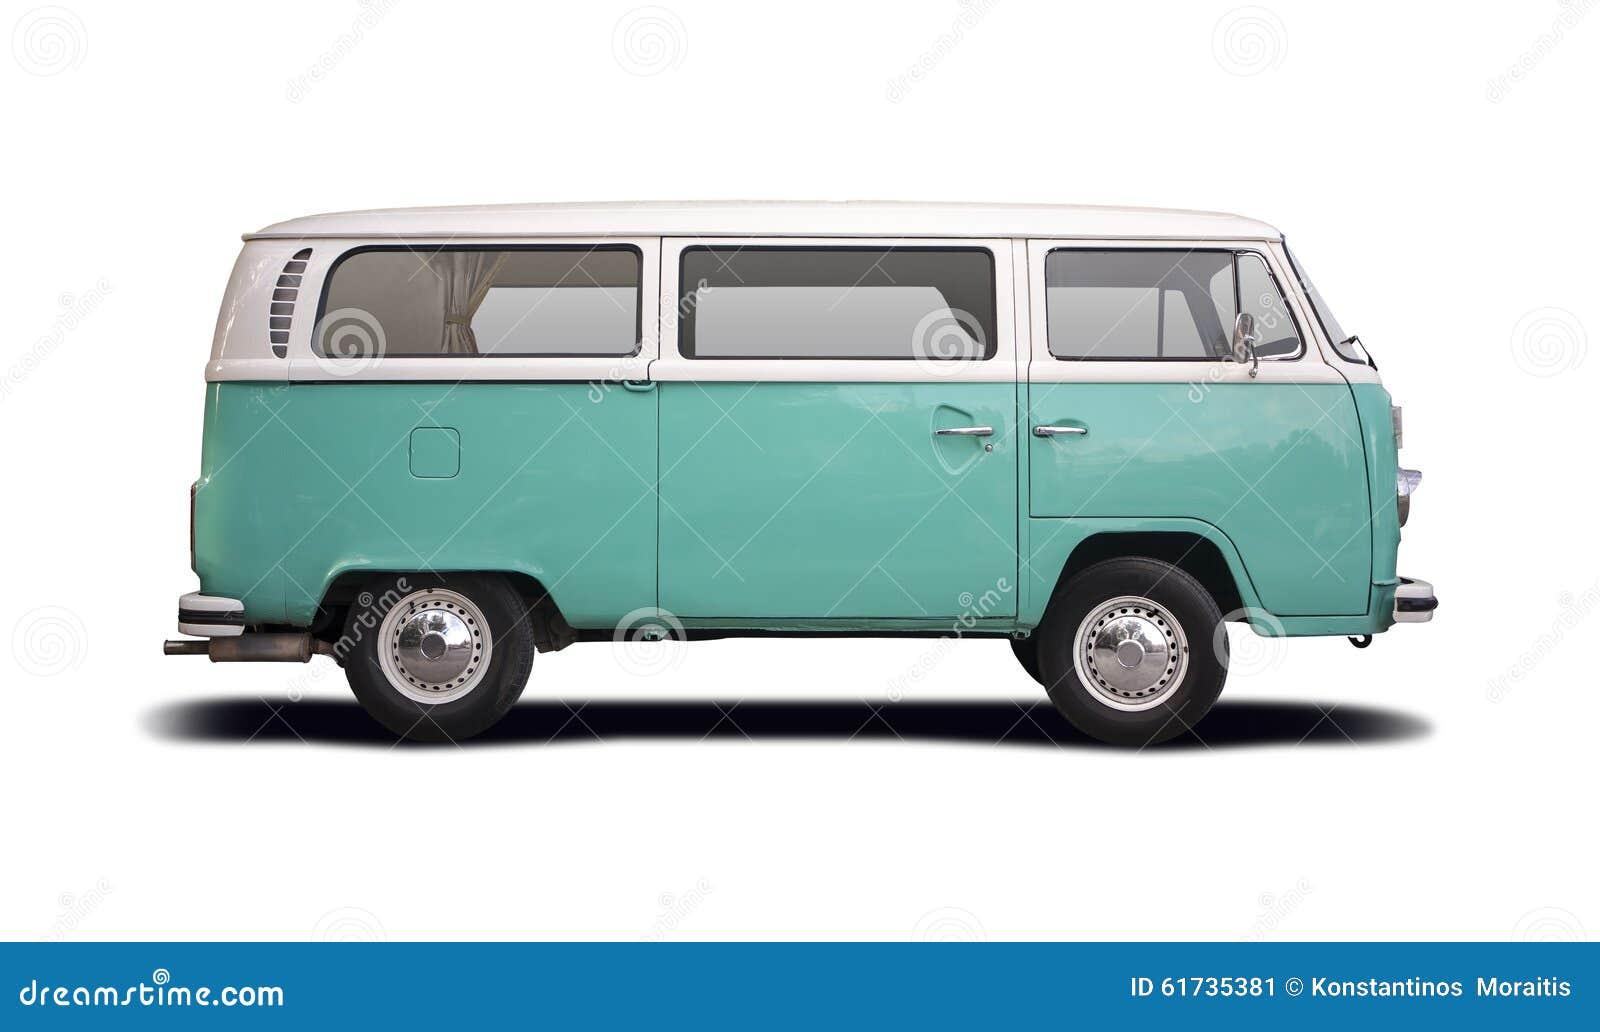 Vw Hippie Van >> VW T2 Camper Stock Photo - Image: 61735381